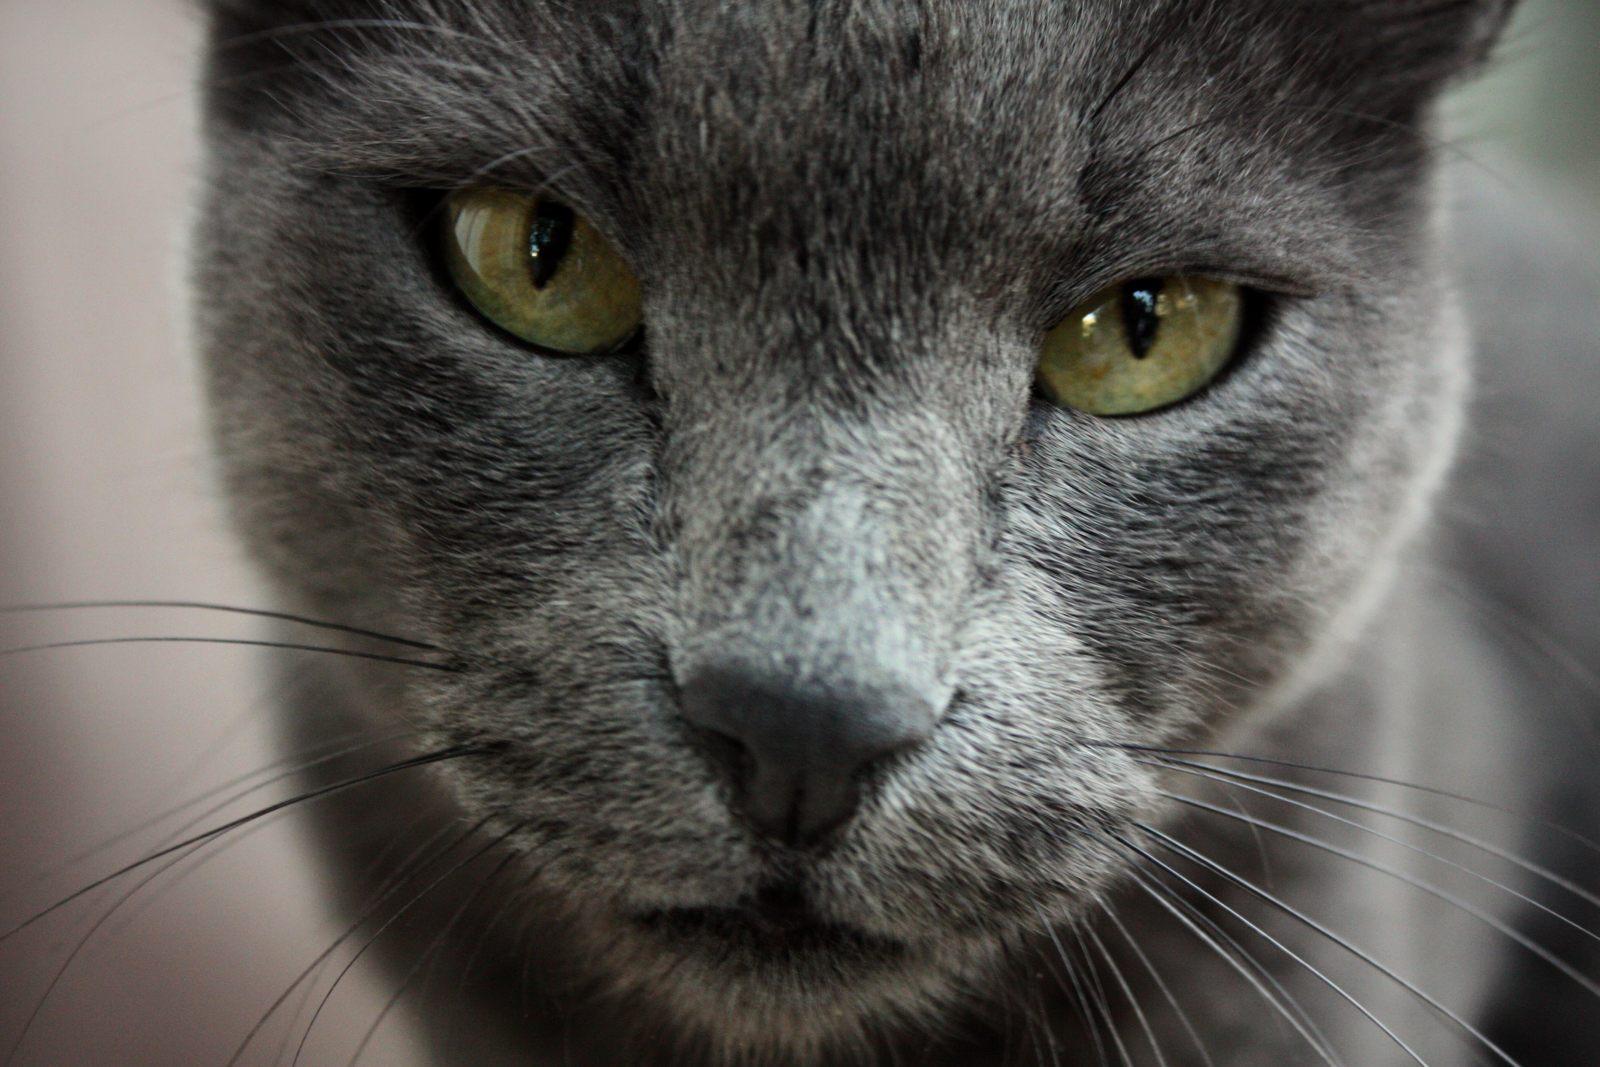 Cute Little Gray Cat For Wallpaper Focinho Do Azul Russo Fotos E Imagens